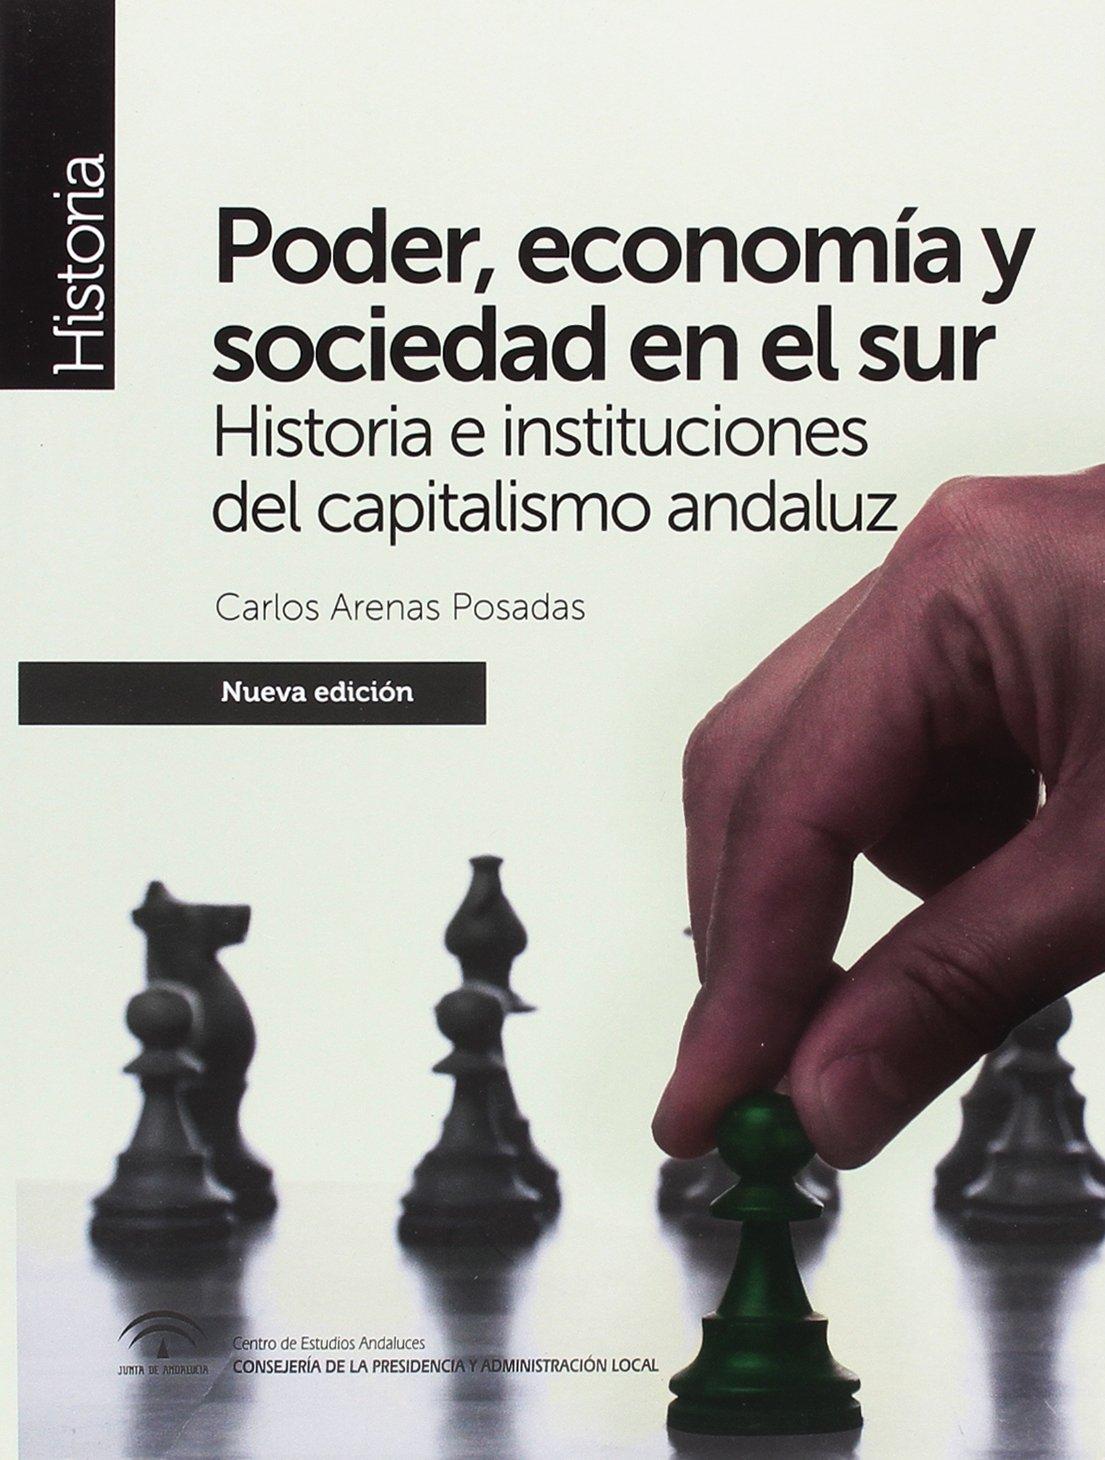 Poder, economía y sociedad en el sur nueva edición : Historia e instituciones del capitalismo andaluz Monografía: Amazon.es: Arenas Posadas, Carlos: Libros